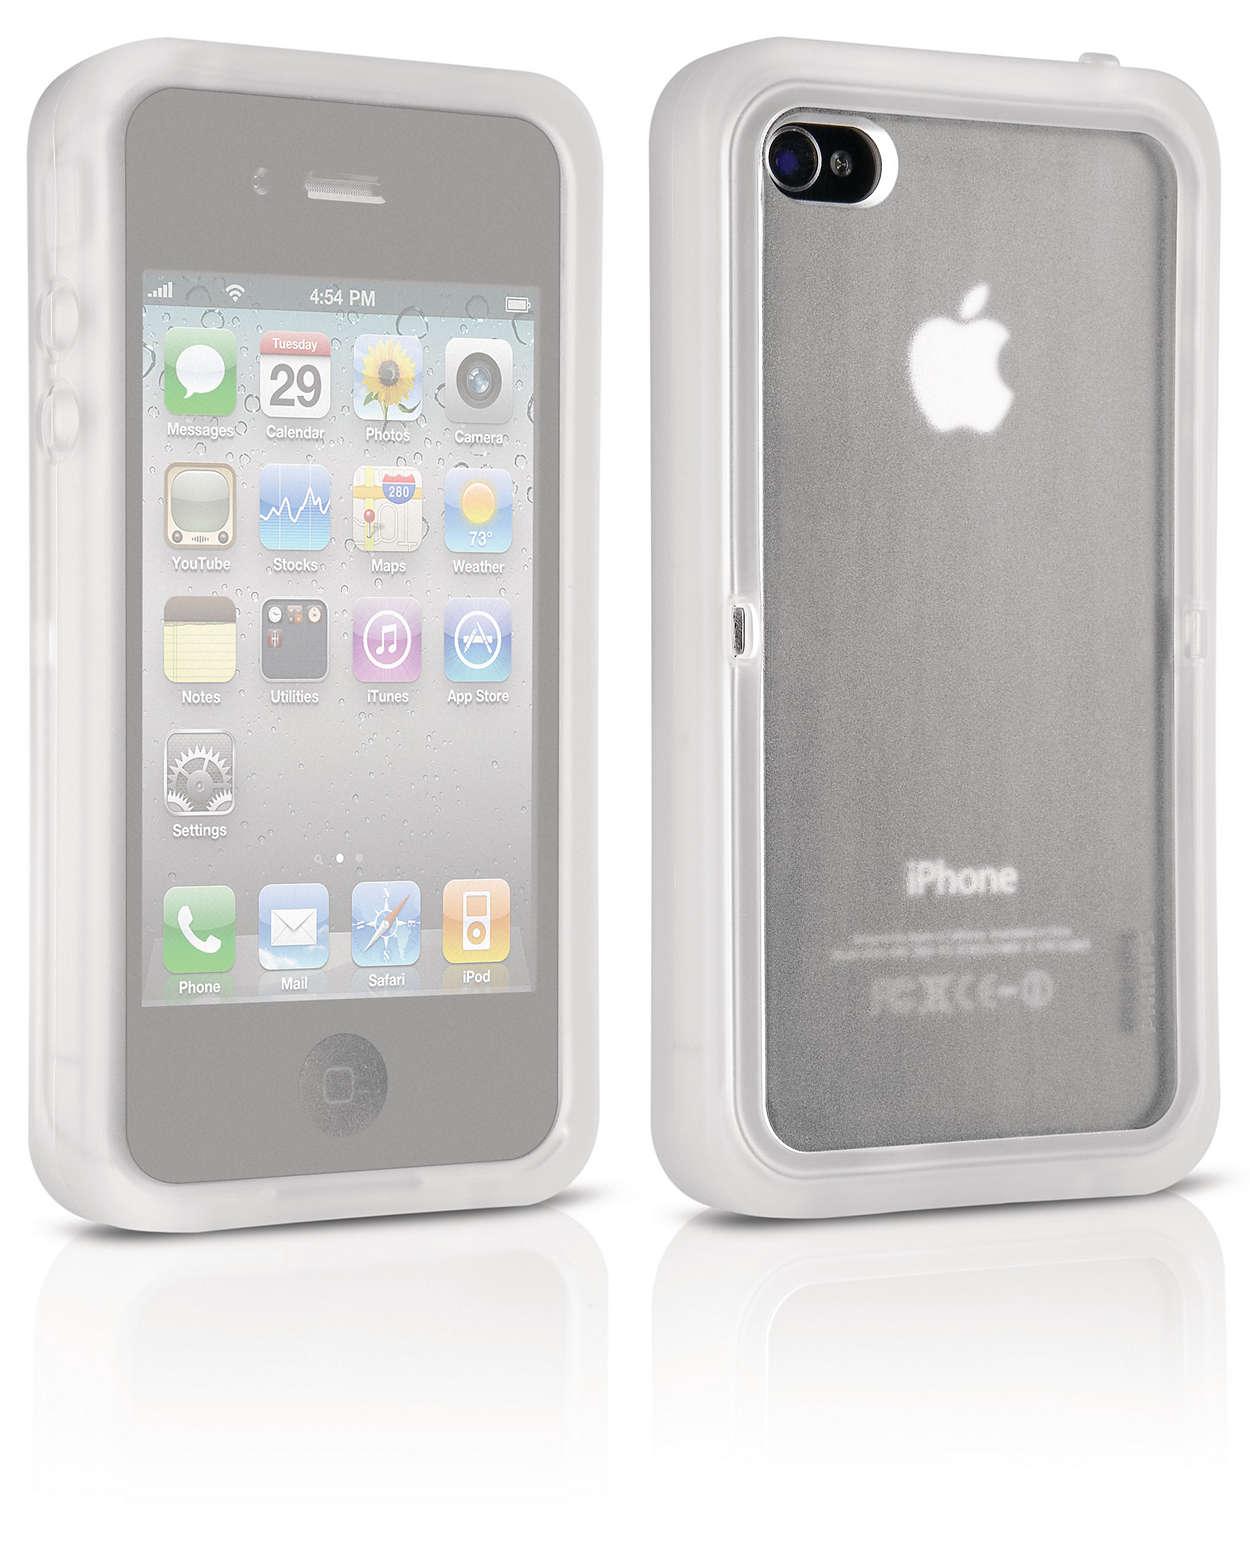 Proteggi il tuo iPhone dagli elementi atmosferici